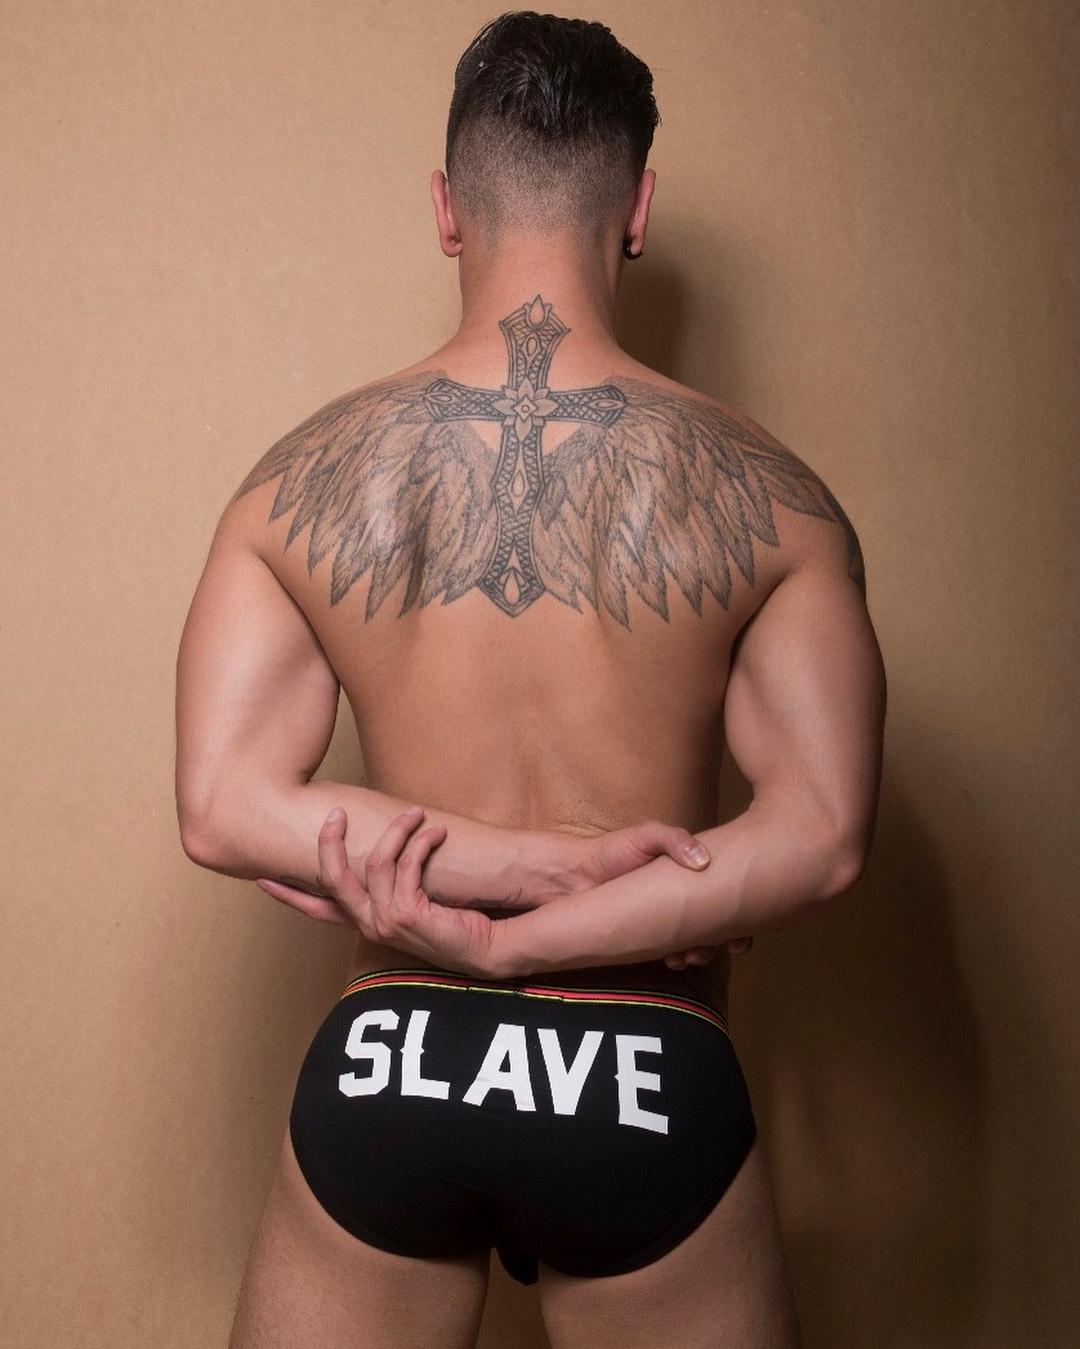 Actor Porno Gay De Supervivientes el actor porno gay que besó a toño sanchís | togayther